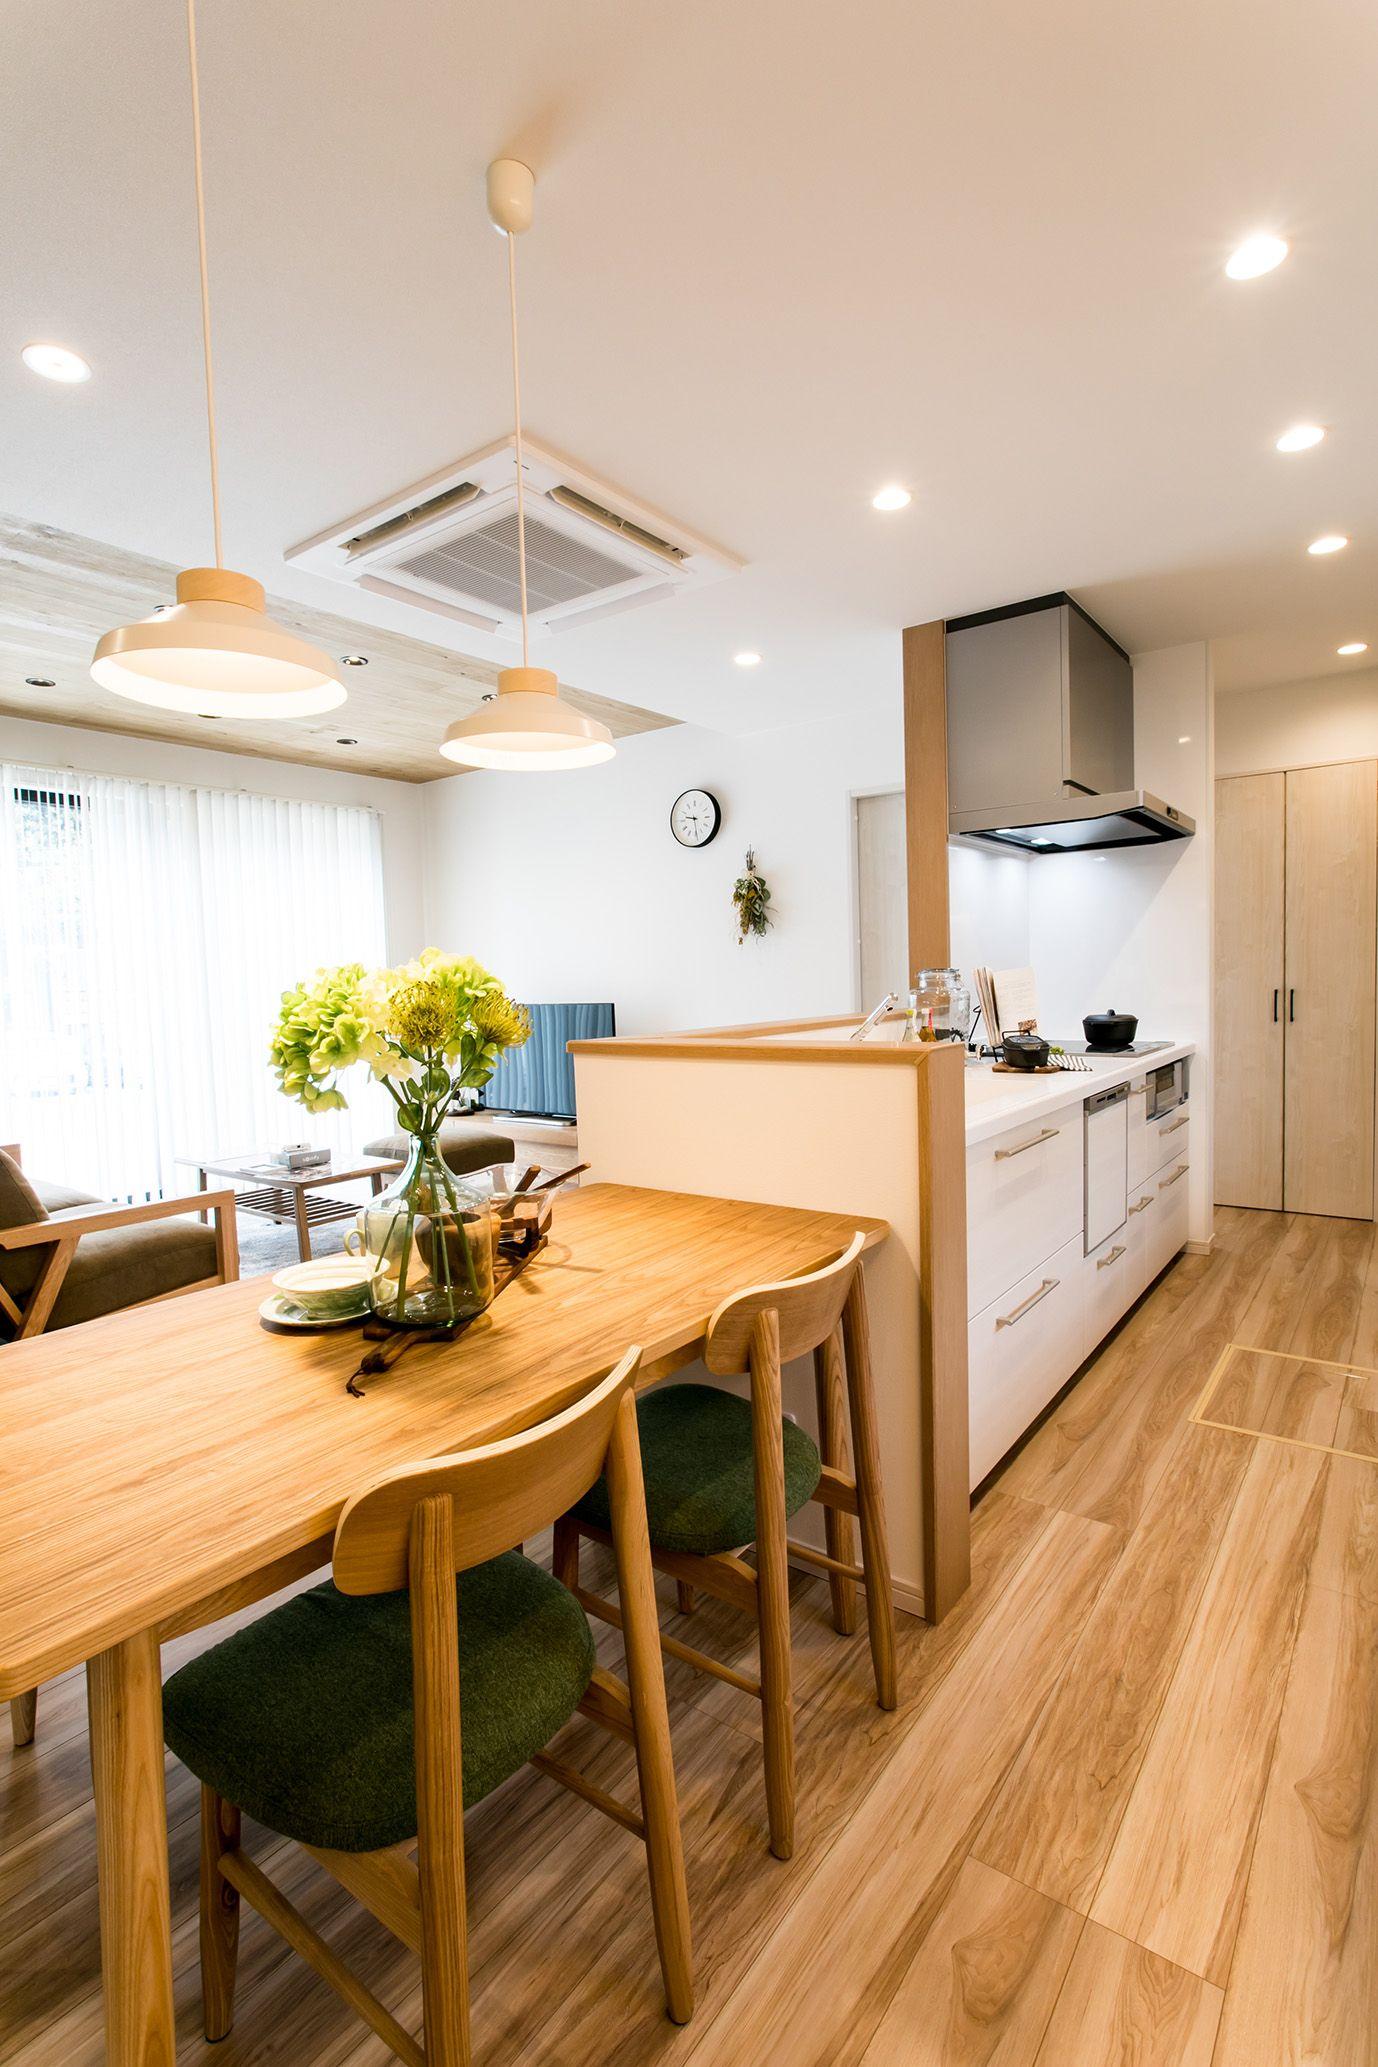 キッチンとの繋がりを重視したダイニング キッチンパントリーのデザイン ダイニング キッチン